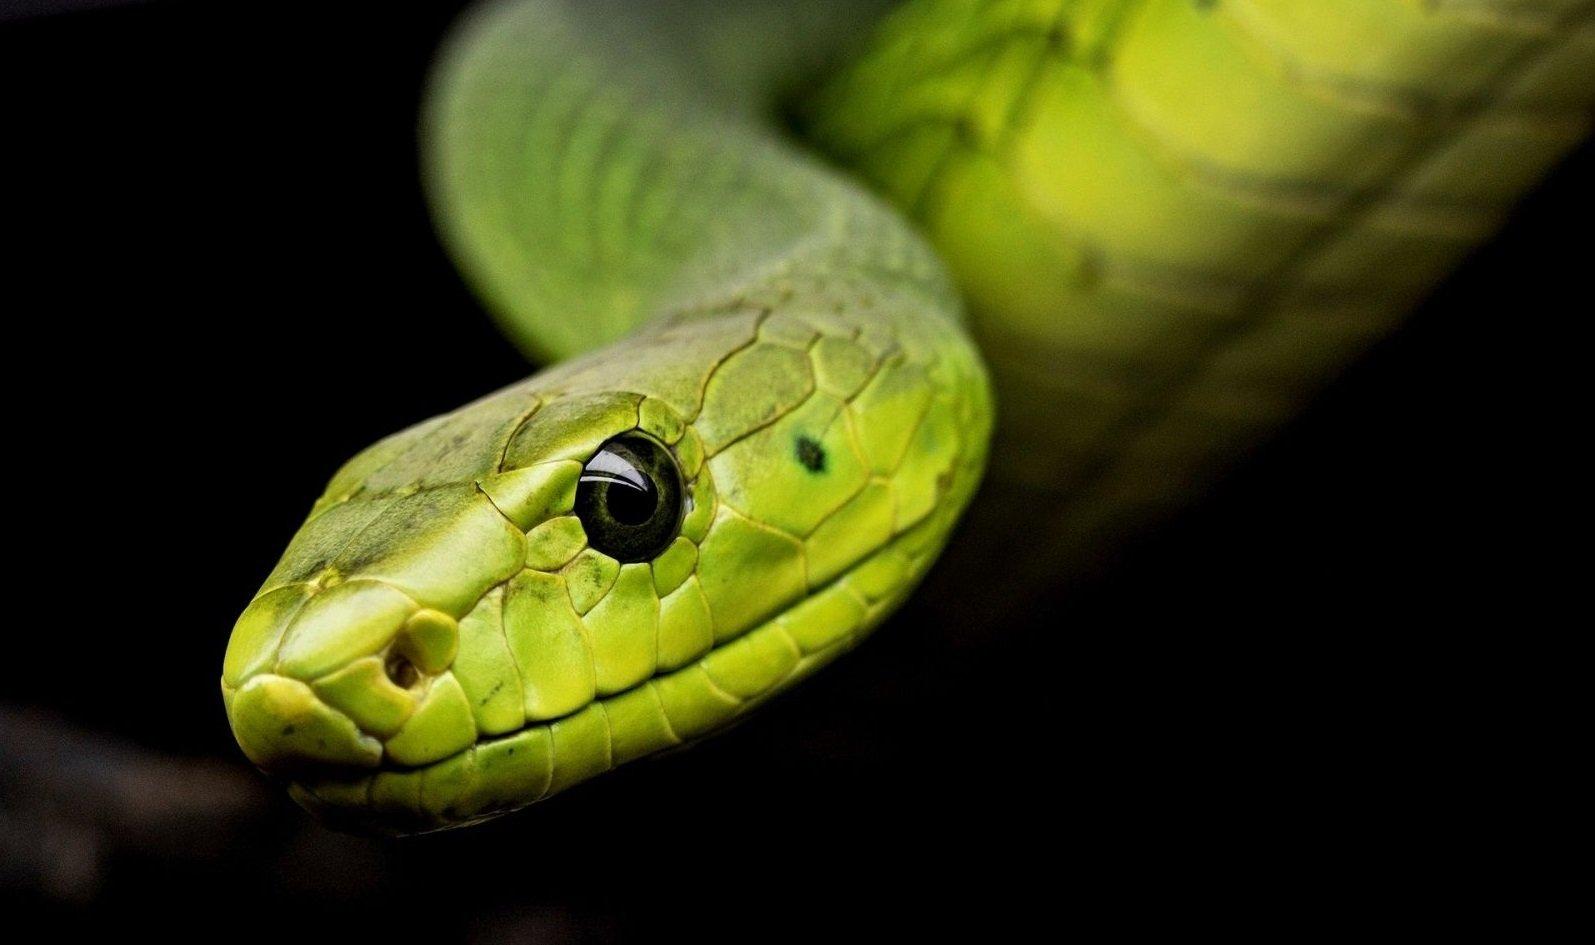 Праздник 25 сентября: в день Автонома внимательно следили за змеями